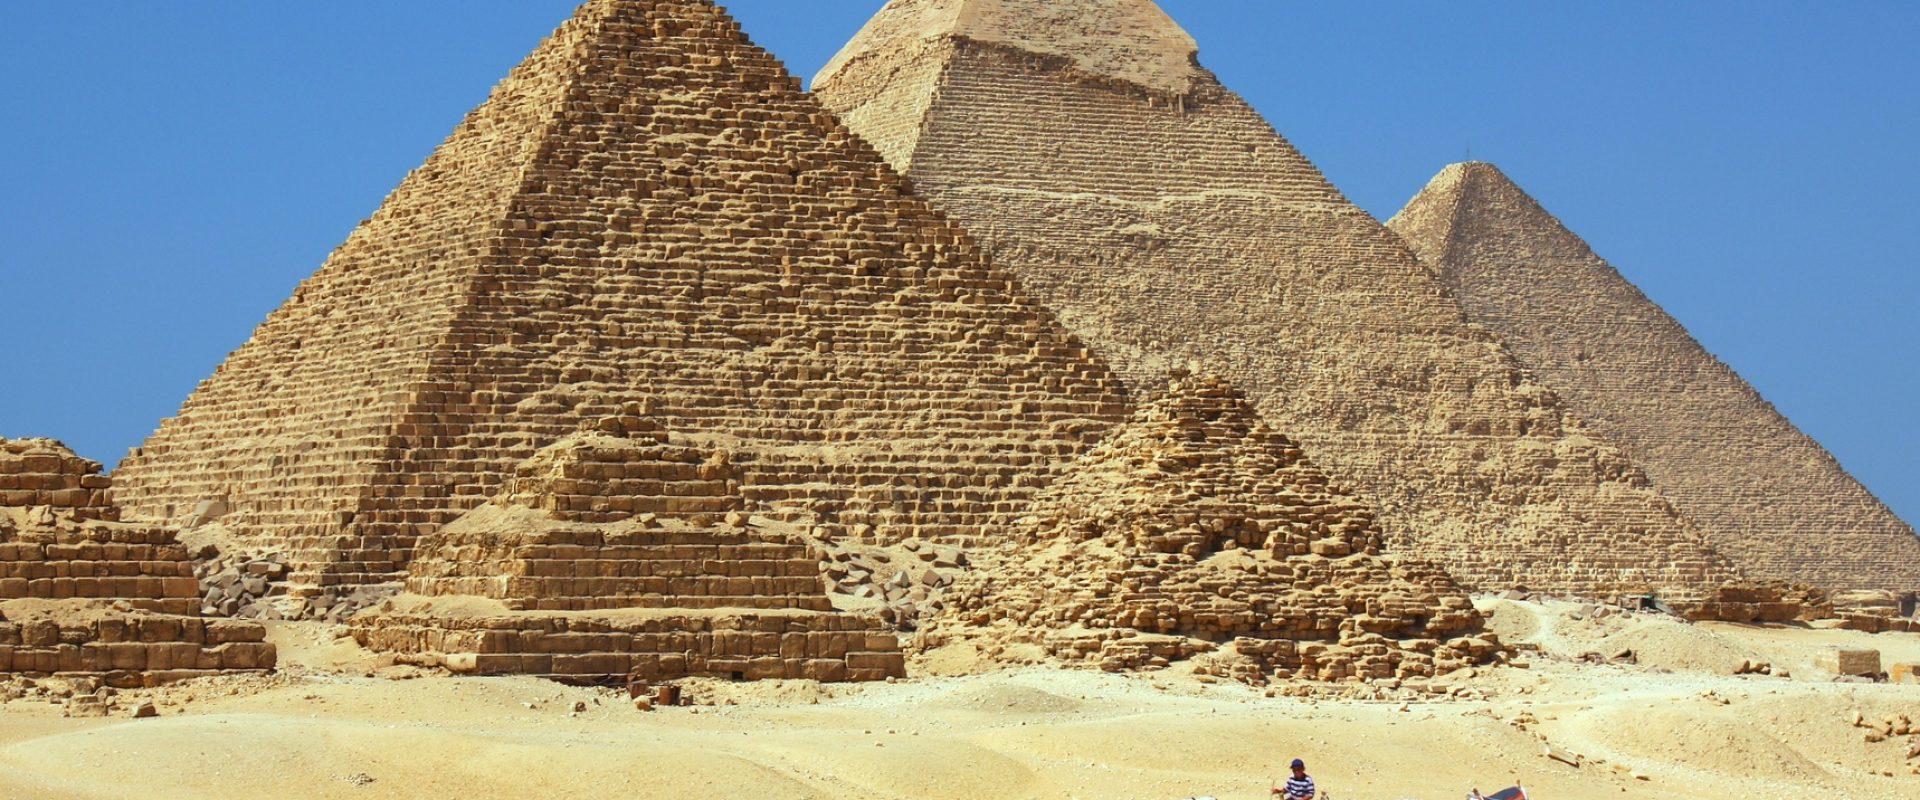 Reguli de călătorie în Egipt pentru cetățenii moldoveni